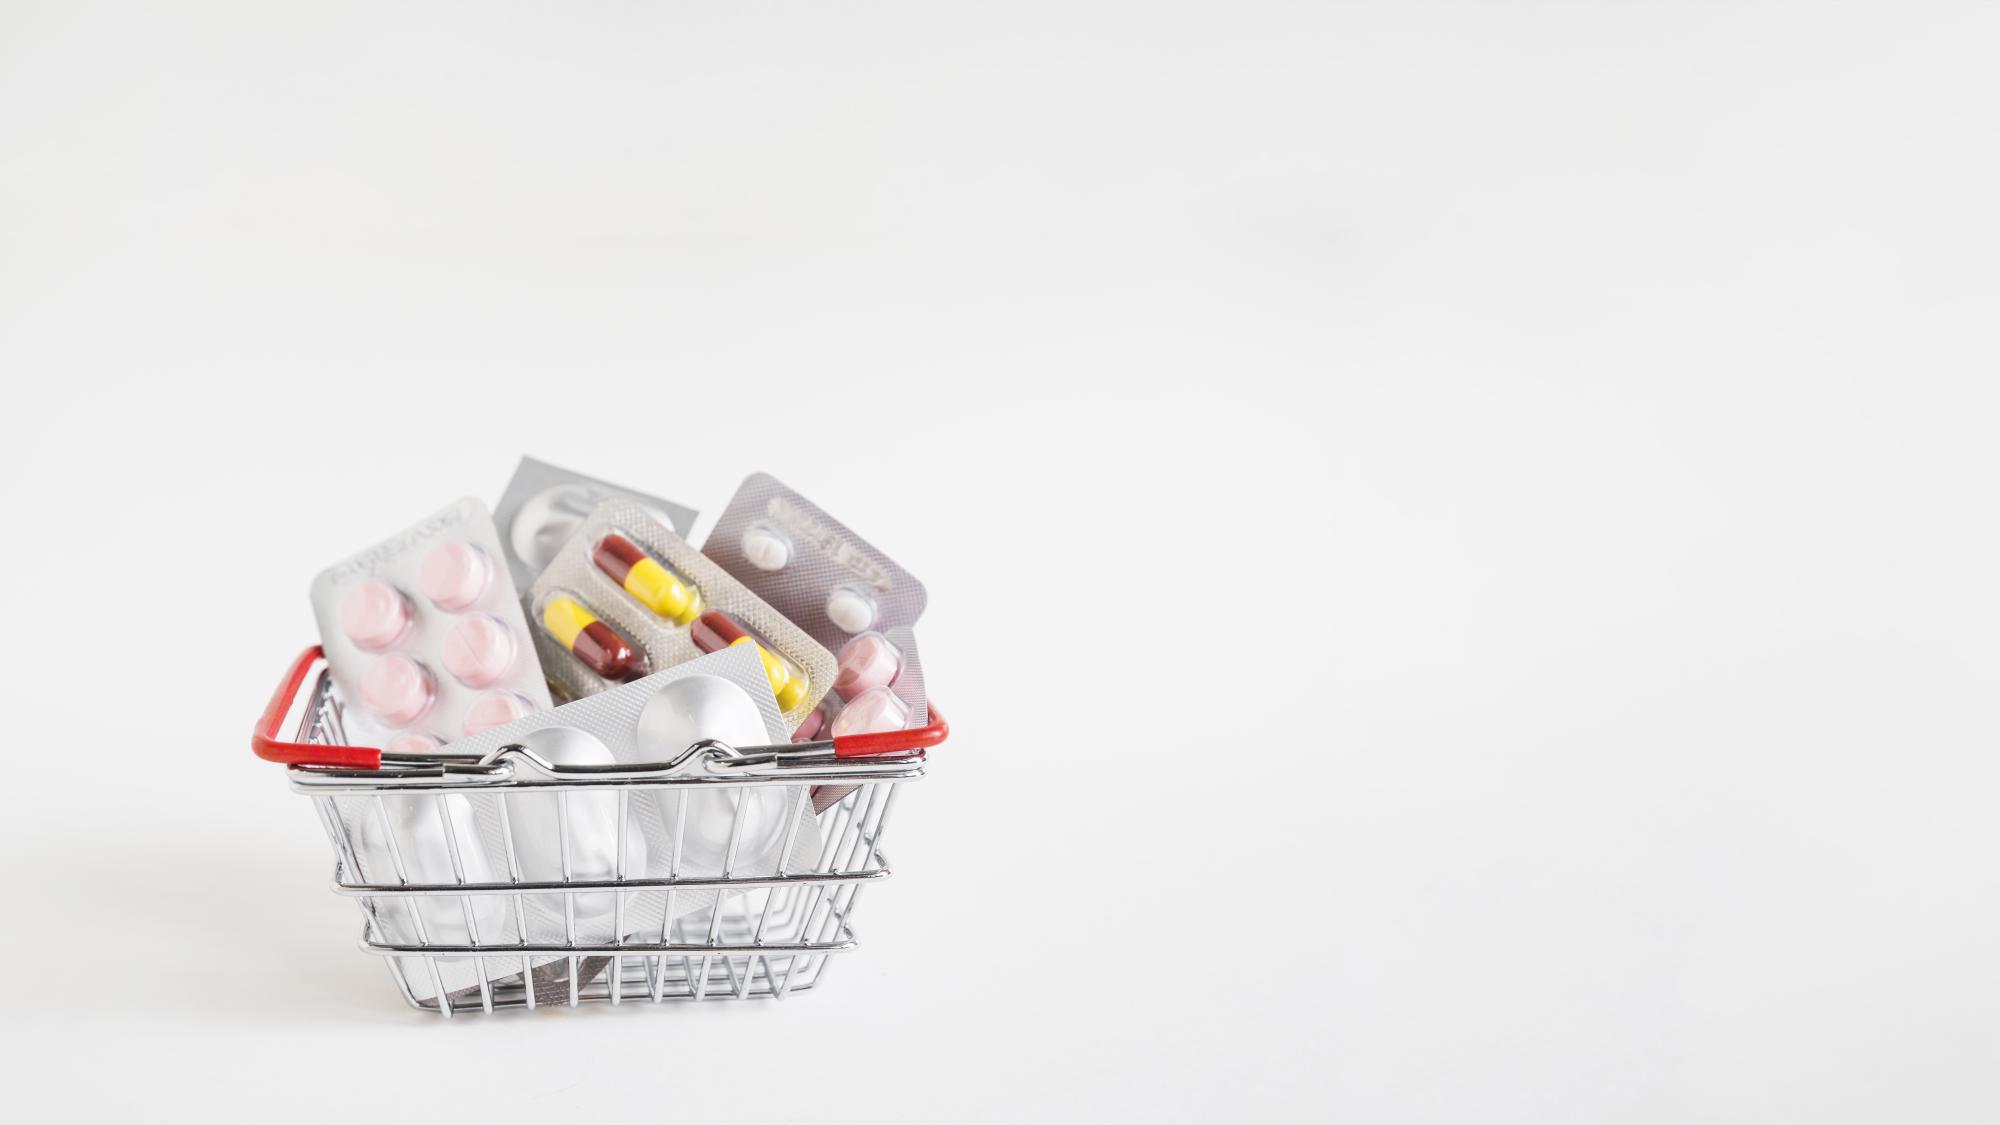 Вычет на покупку лекарств можно получить и без рецепта